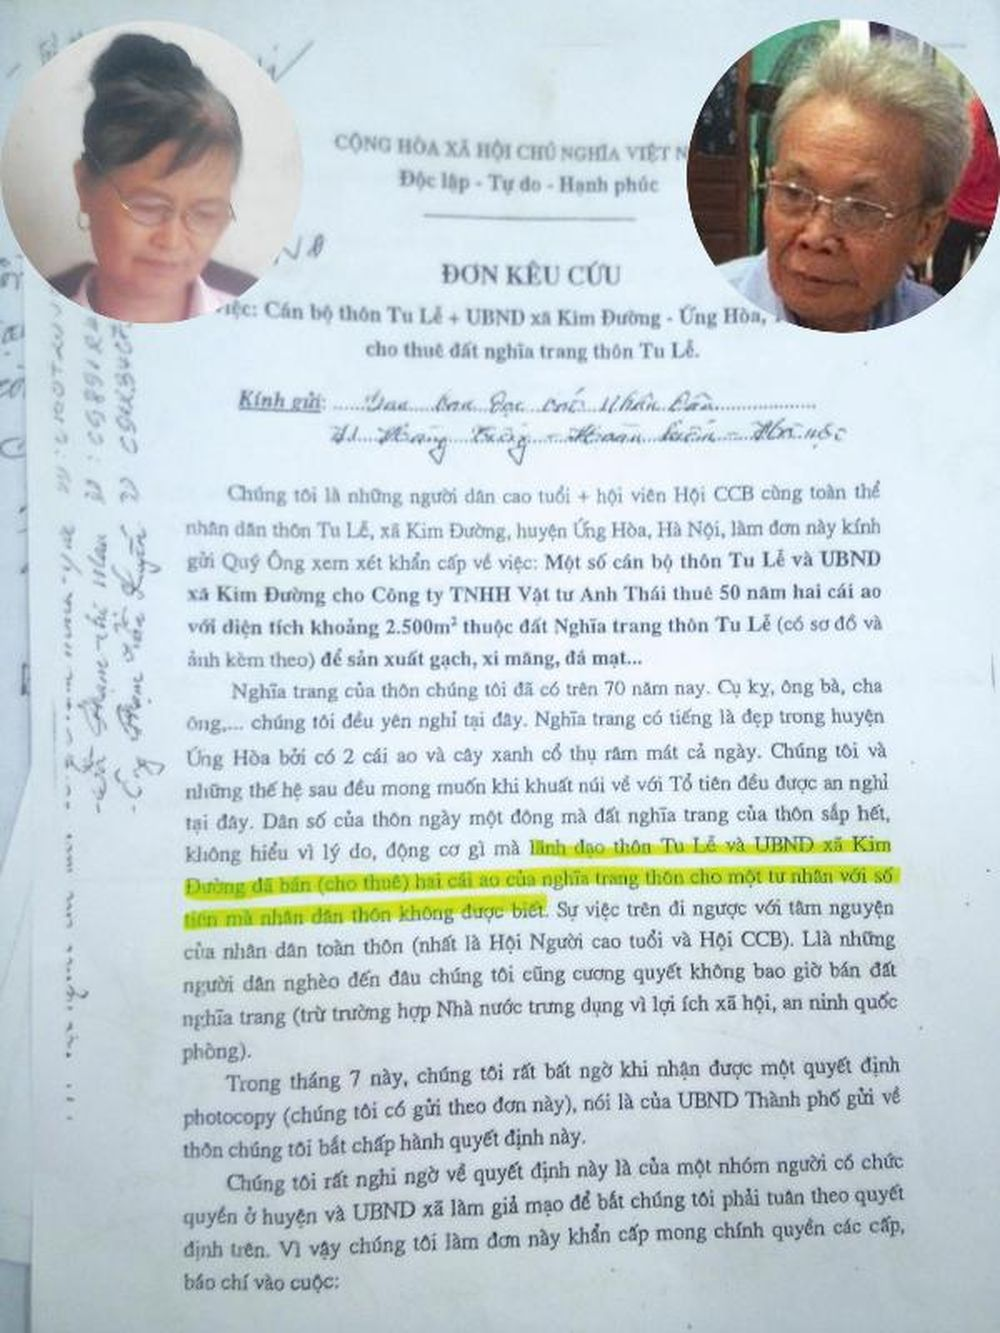 Tại Buổi Họp Sơ Kết 6 Tháng Đầu Năm Của Chi Hội Người Cao Tuổi Thôn Tu Lễ,  Theo Ông Đức, Bà Sỹ Đã Soạn Thảo Đơn Kêu Cứu, ...